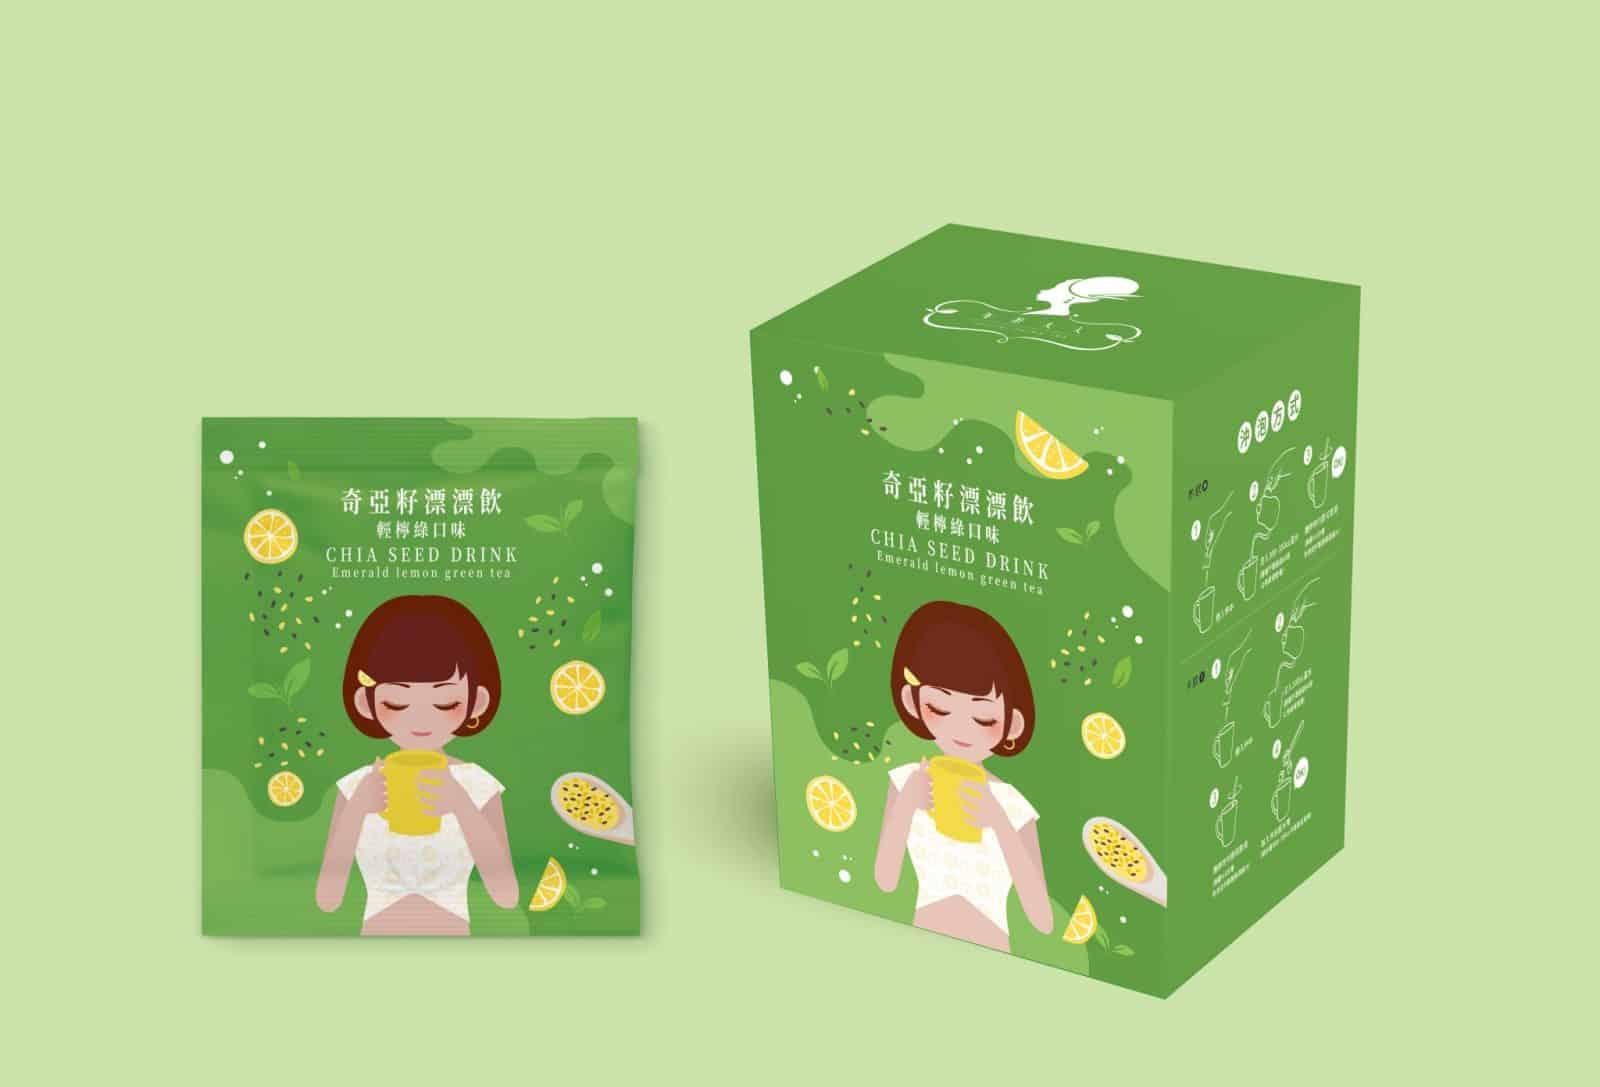 奇亞籽青檸綠 鋁箔袋設計 包裝設計 外盒設計 紙盒設計 包裝盒設計